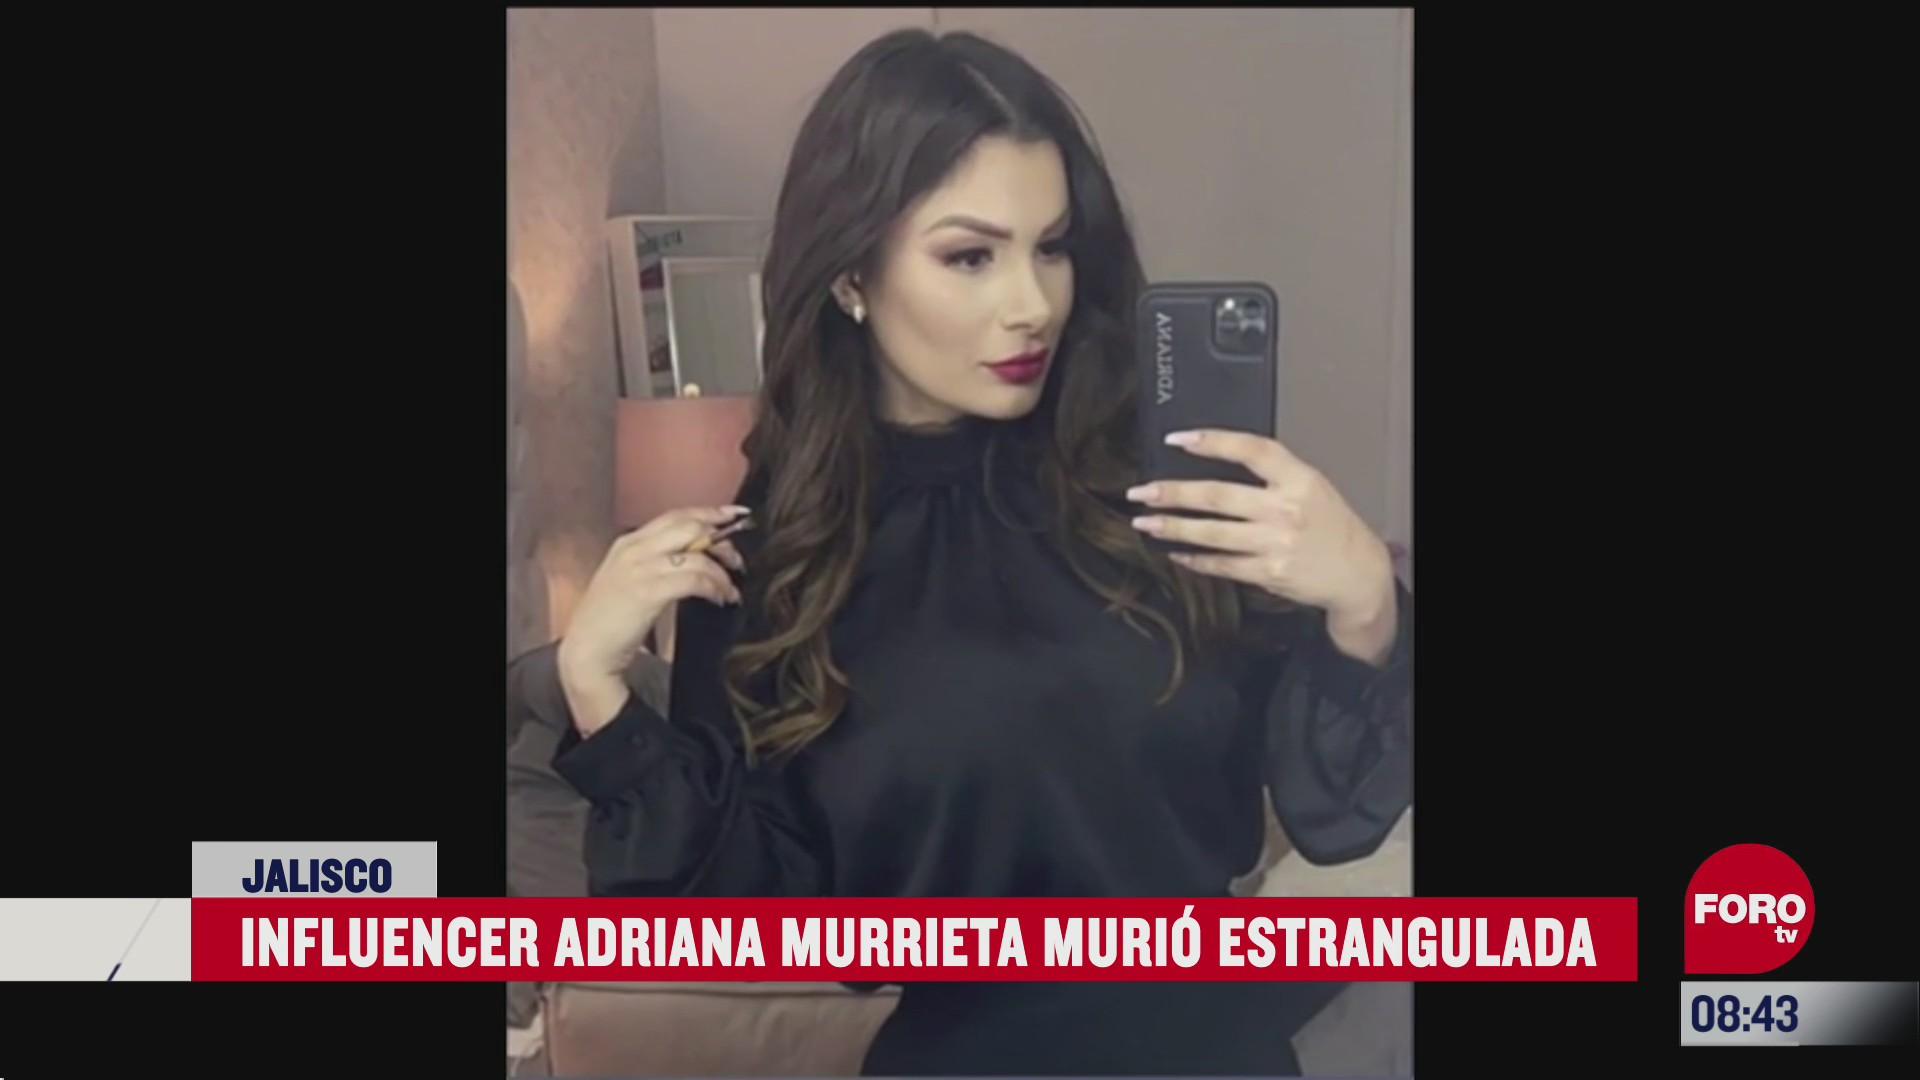 confirman que influencer adriana murrieta murio estrangulada